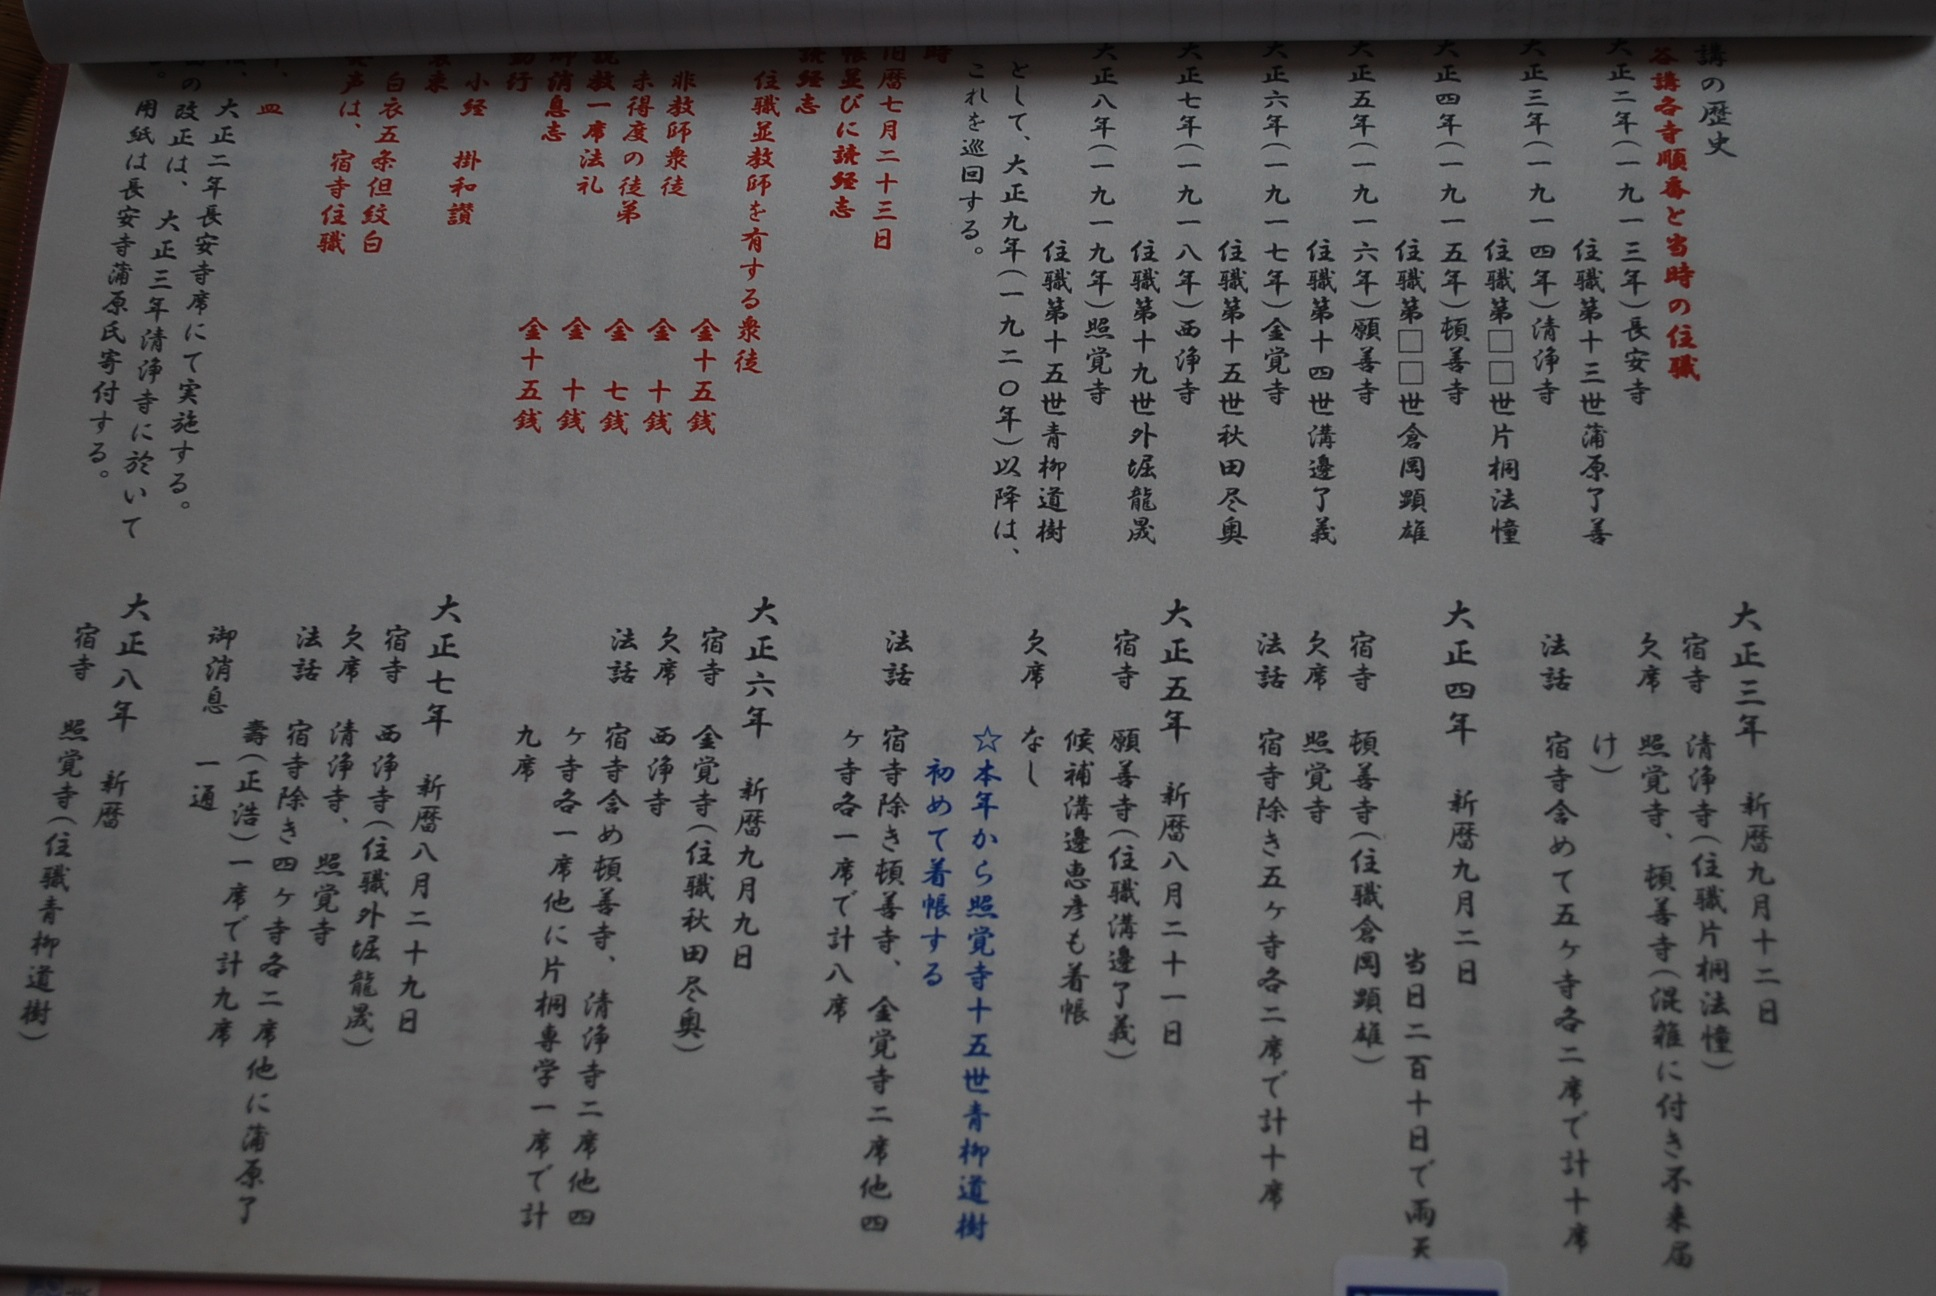 第6組の大谷講の歴史が記された記録簿。筆書きの原本は別途保管されている。